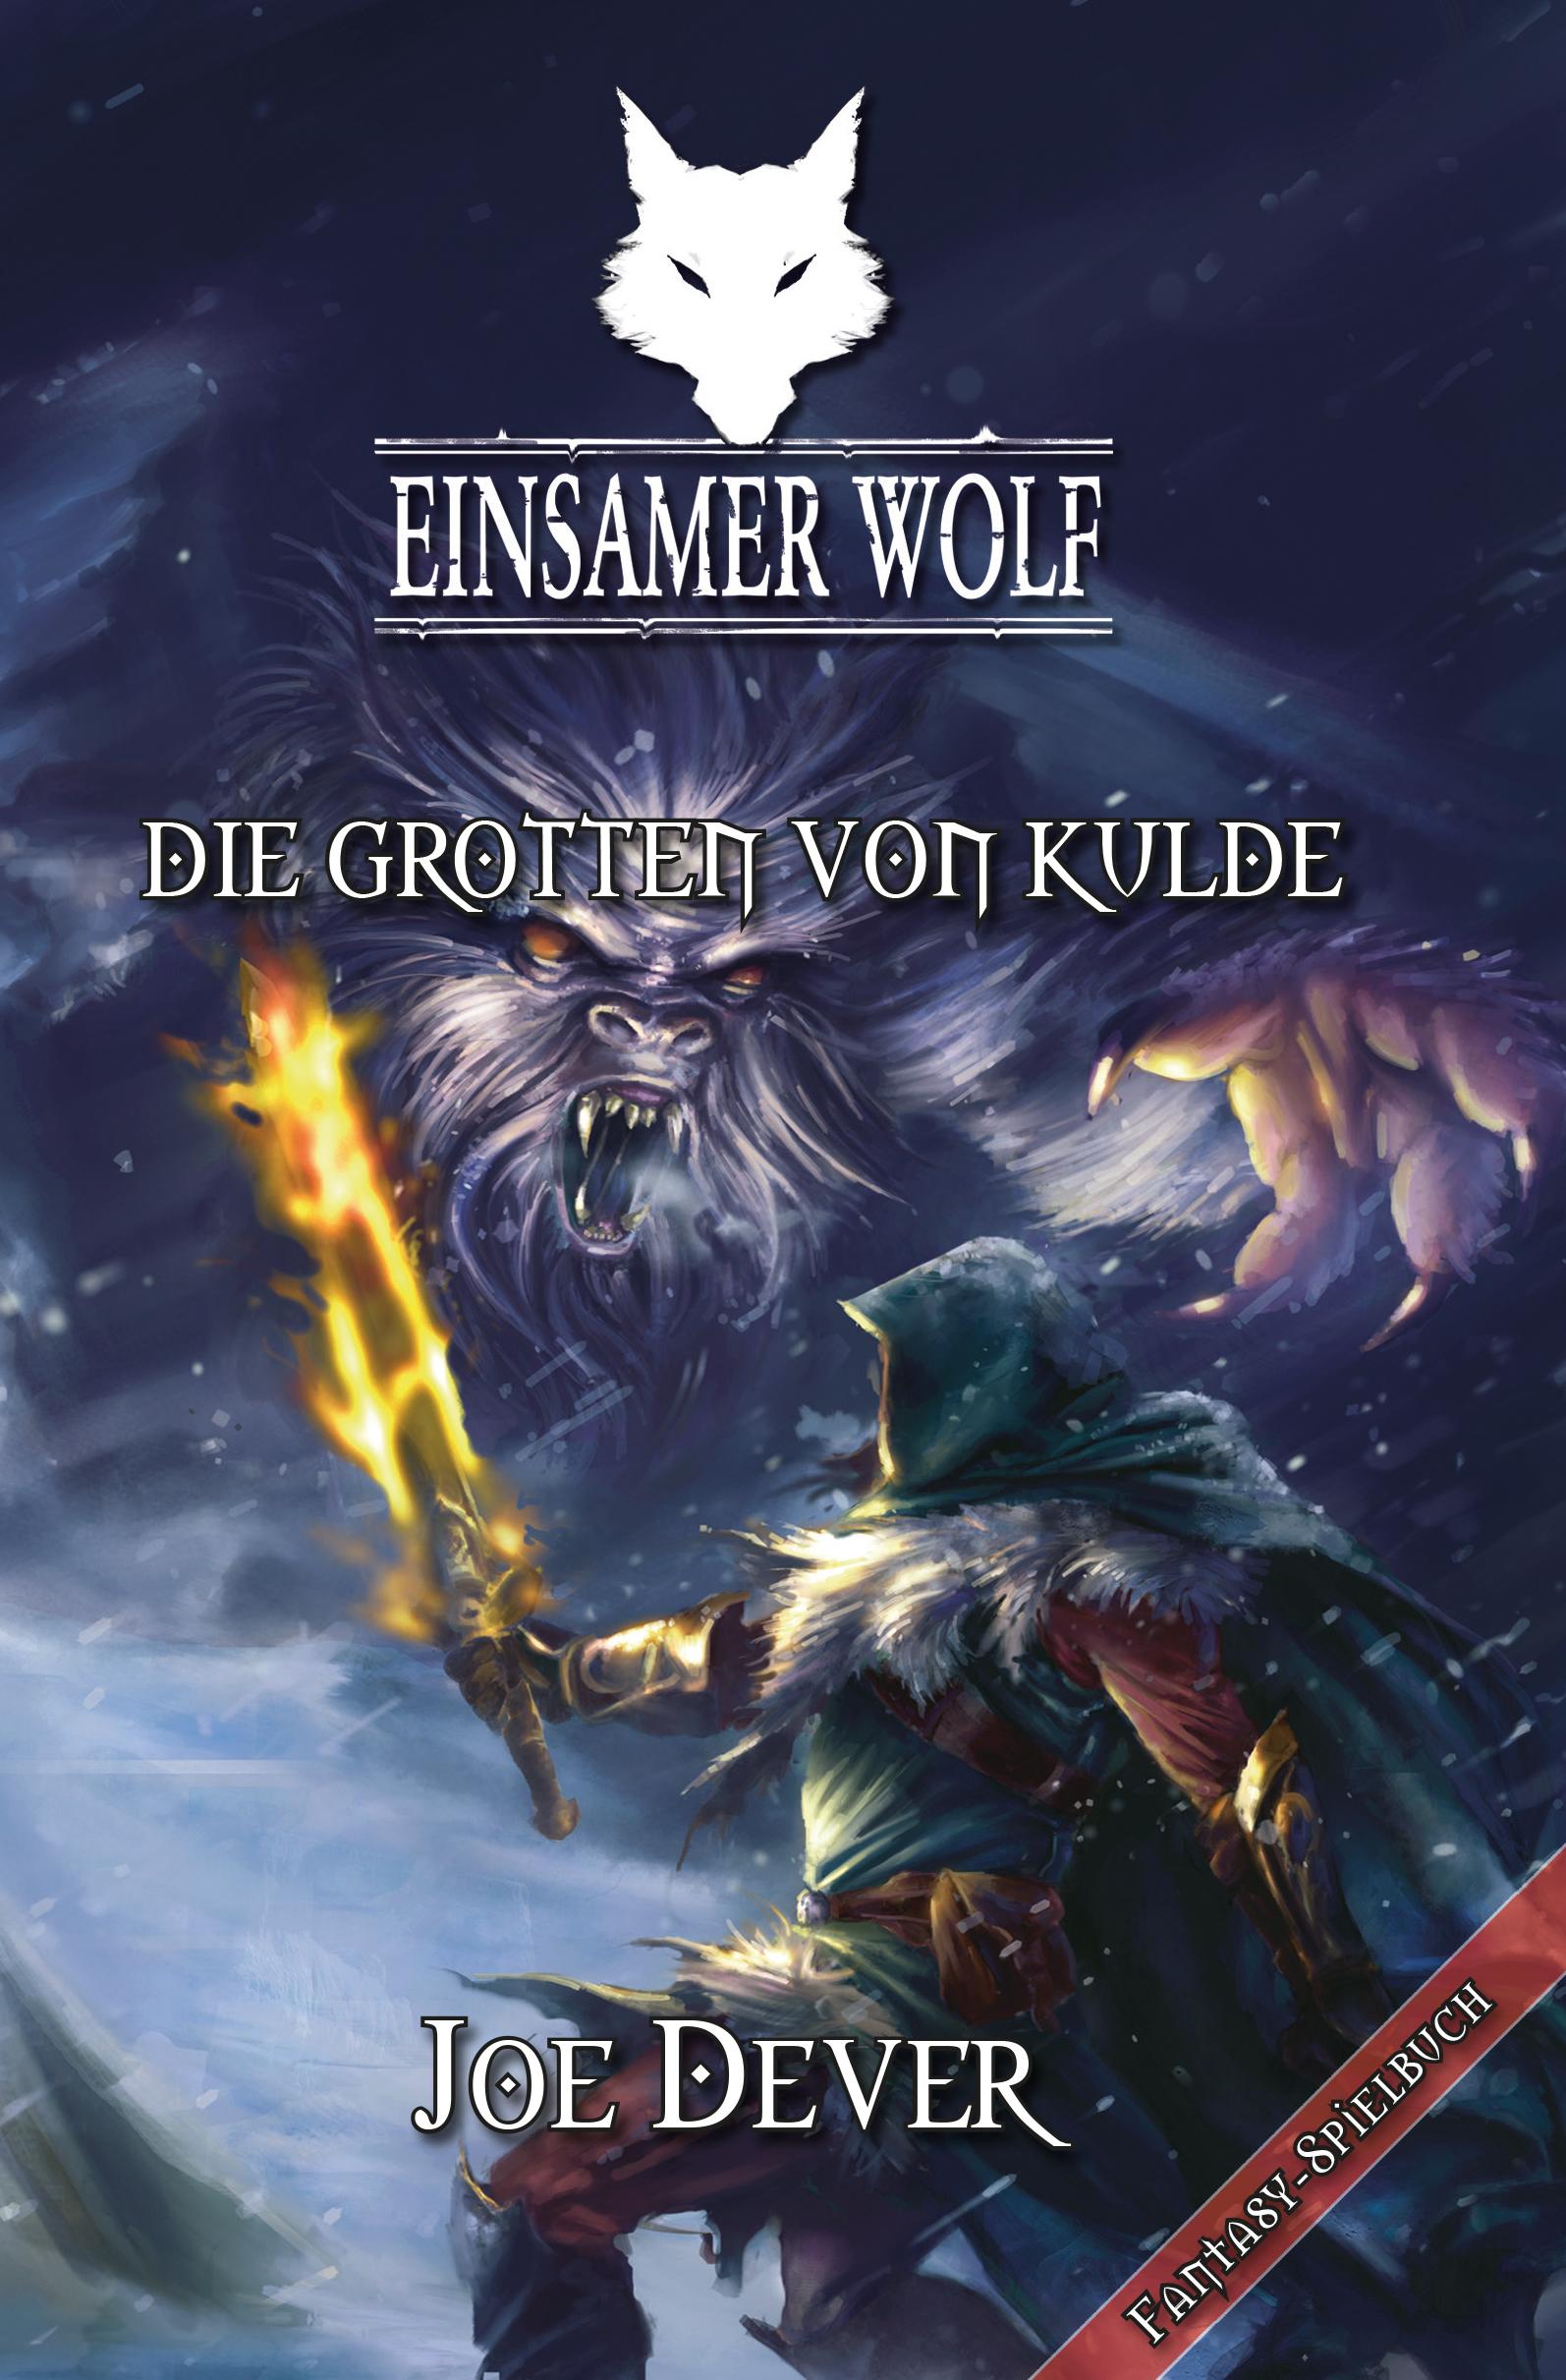 Joe Dever Einsamer Wolf 03 - Die Grotten von Kulde